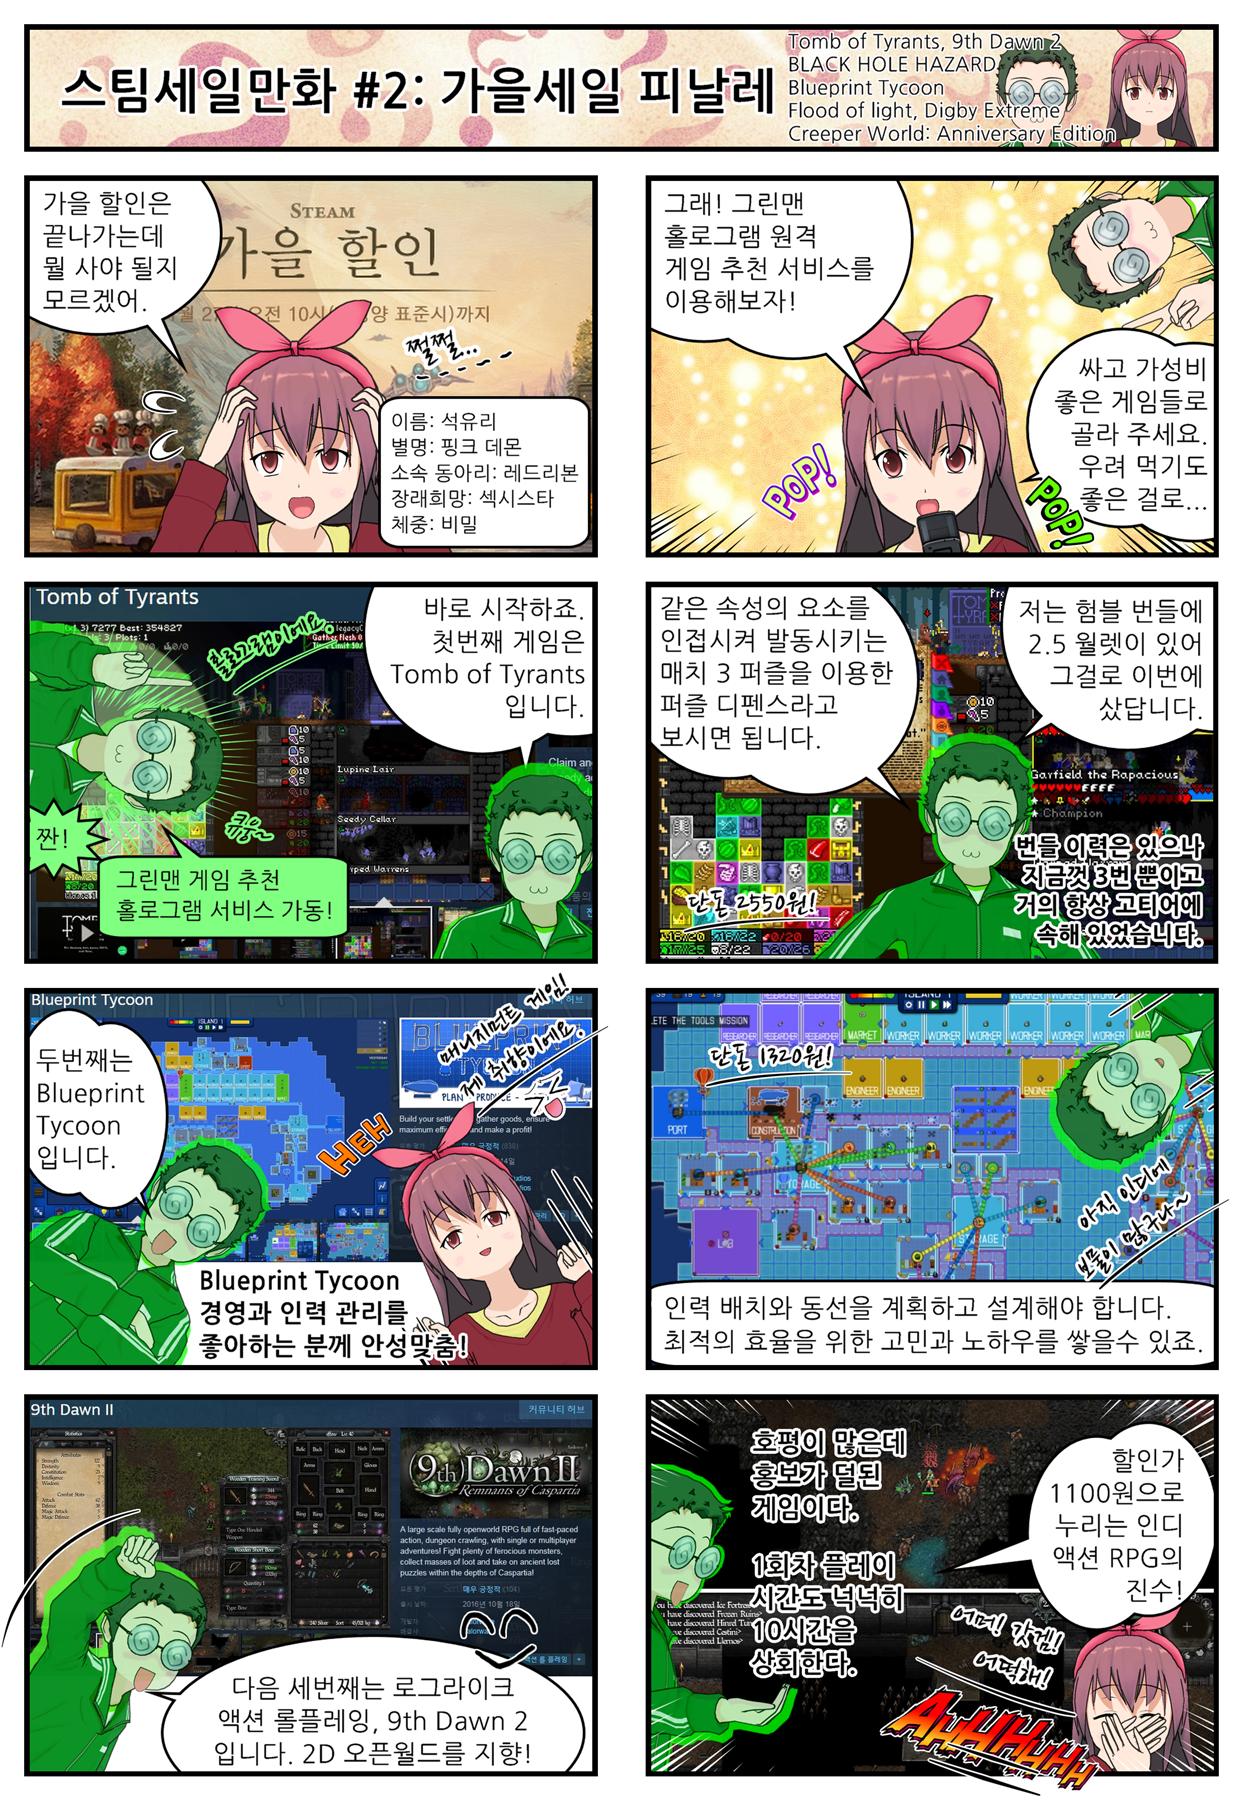 002_1 스팀 가을 세일 피날레_001.png